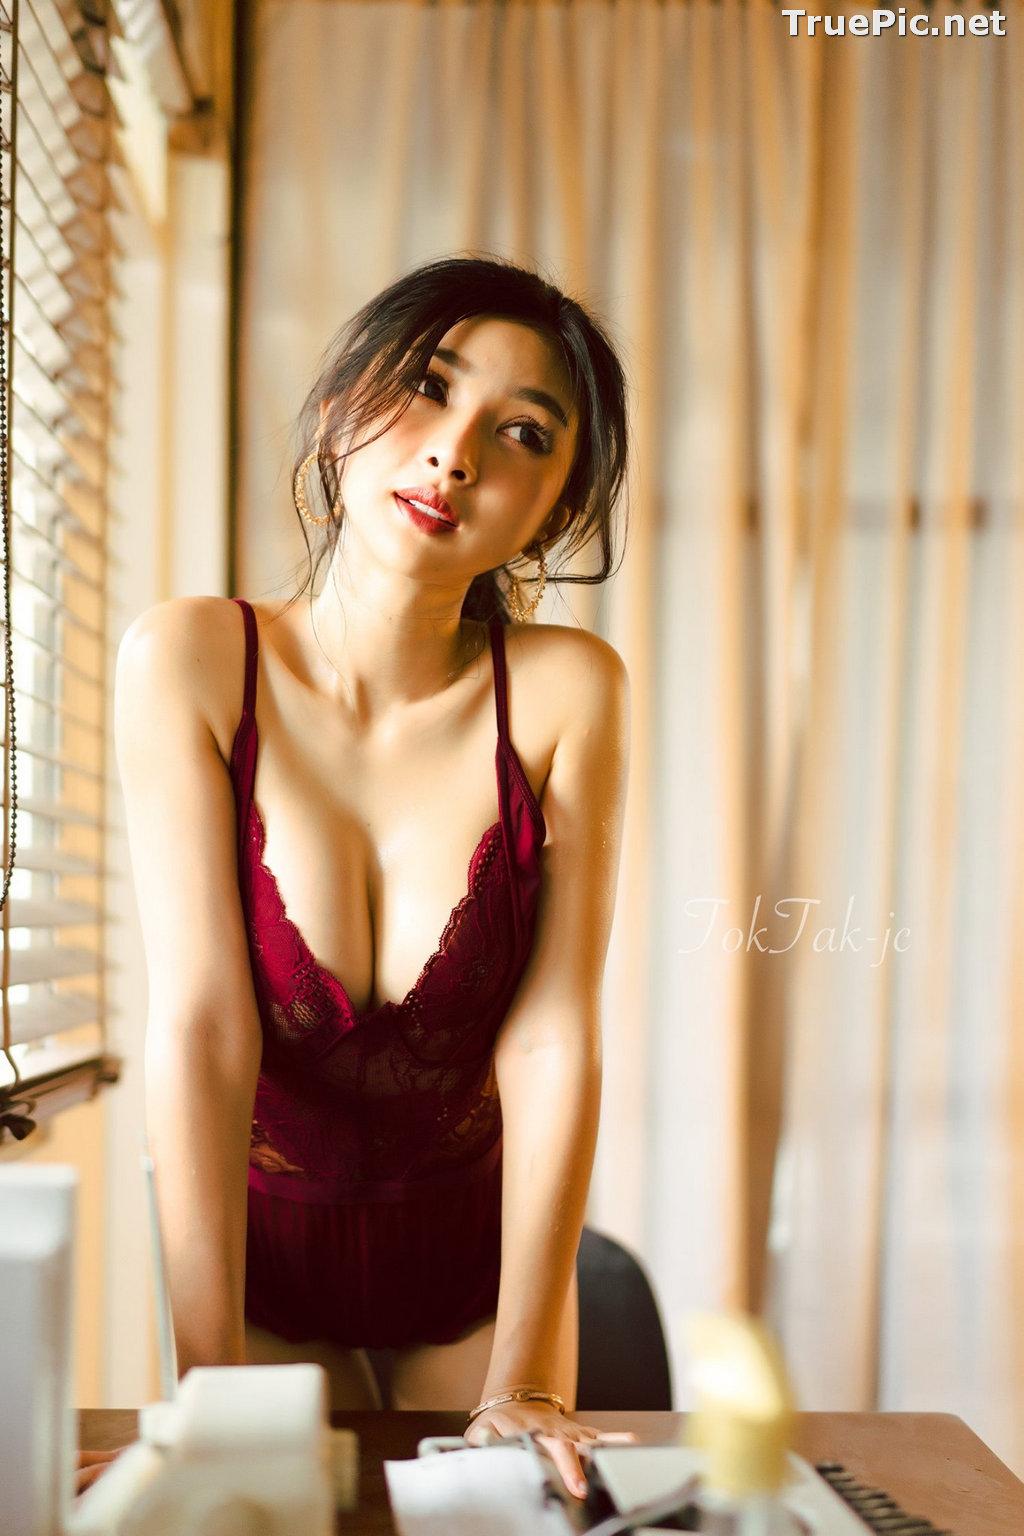 Image Thailand Model - Pattamaporn Keawkum - Red Plum Lingerie - TruePic.net - Picture-3